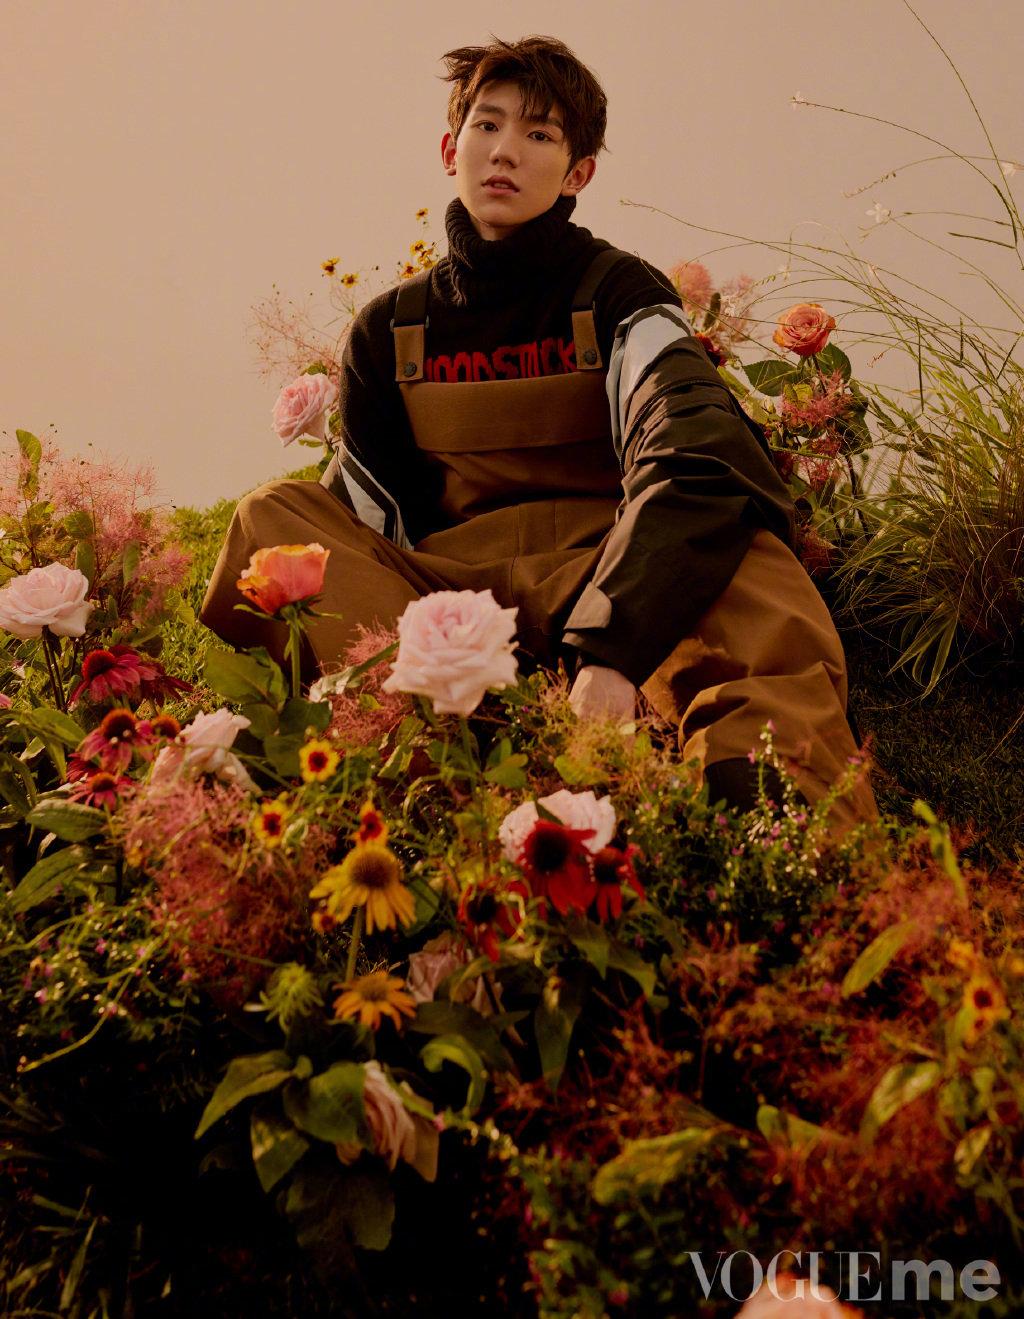 王源《VogueMe》新图,花园中赋予秋日更多浪漫气息~